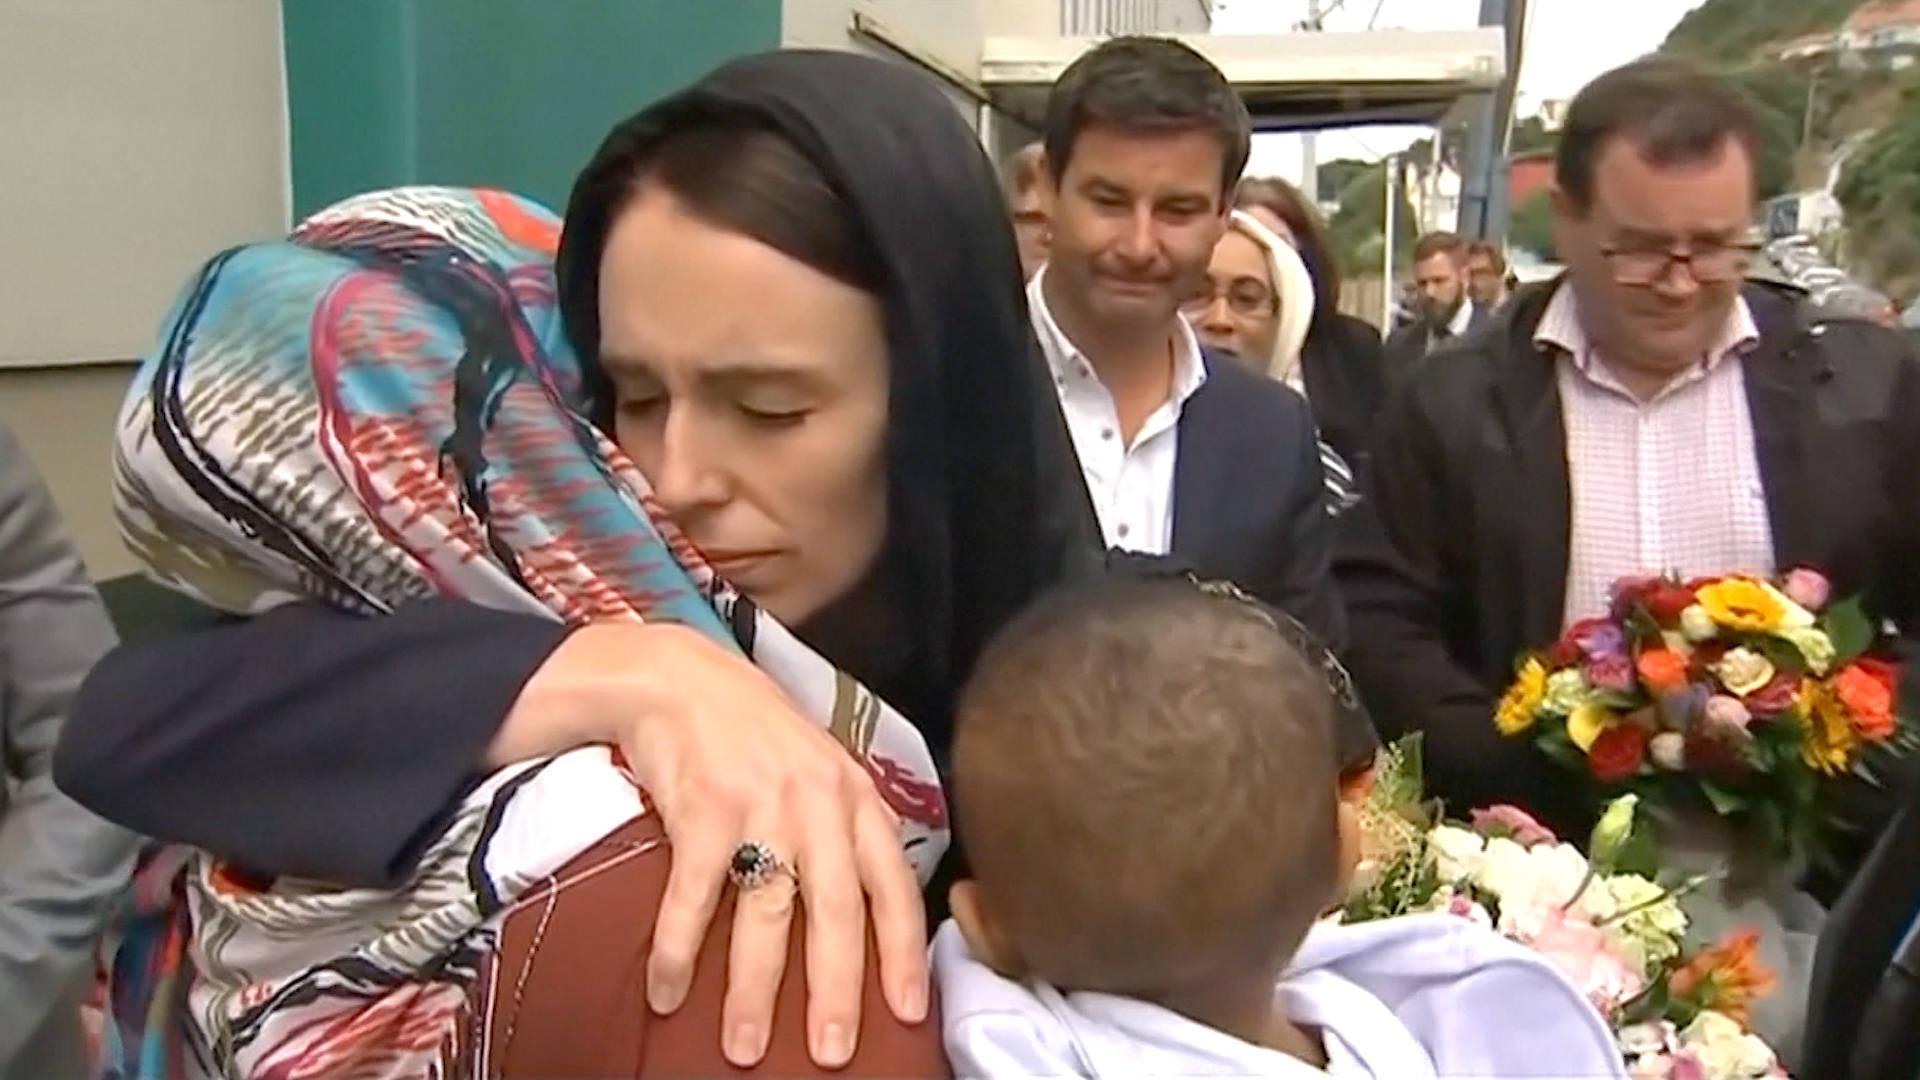 Video Masacre Nueva Zelanda Hd: La Primera Ministra De Nueva Zelanda Reformará Leyes De